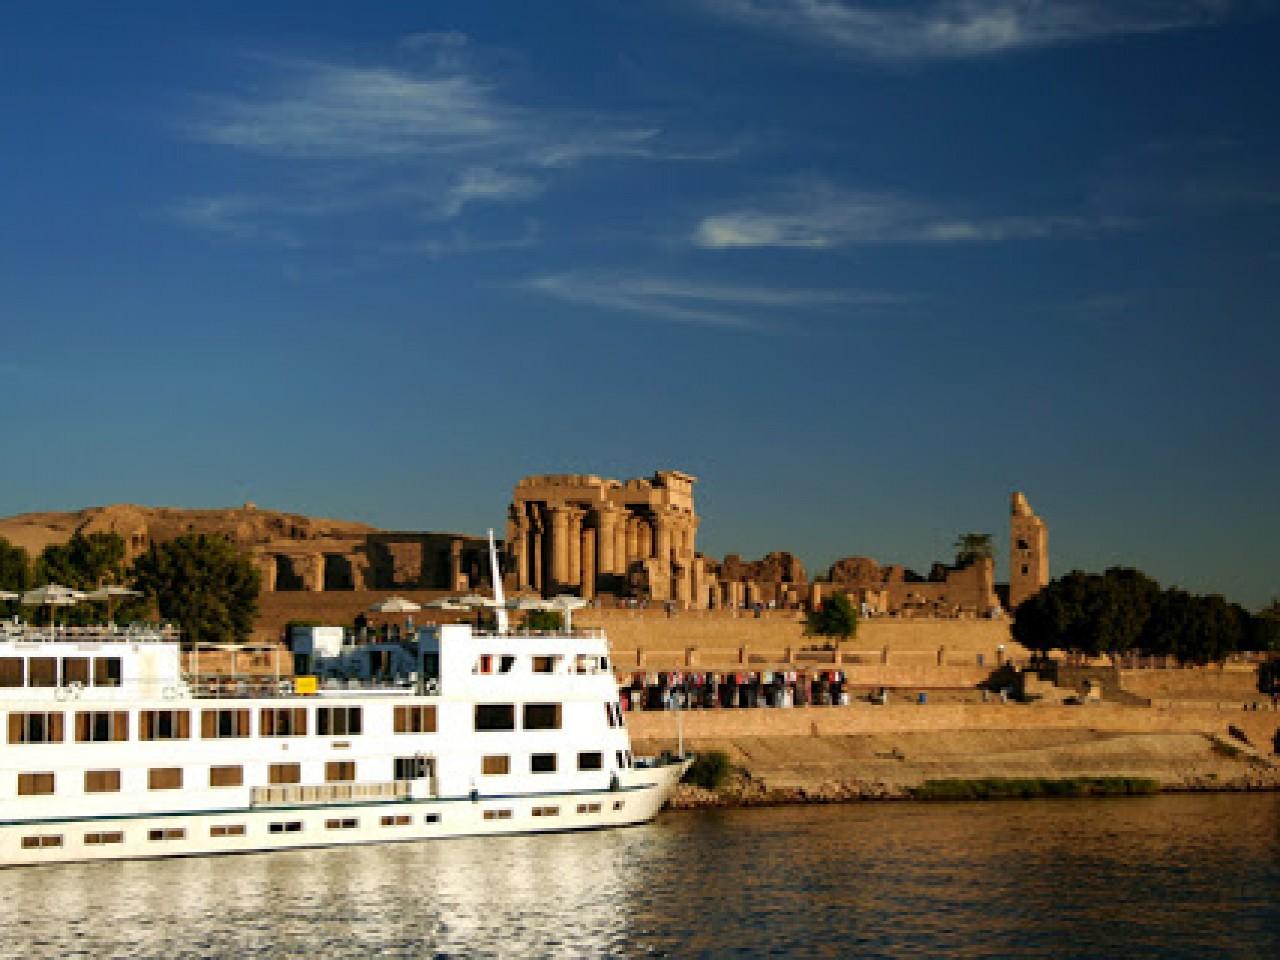 Marquise Nile Cruise Without Transportation